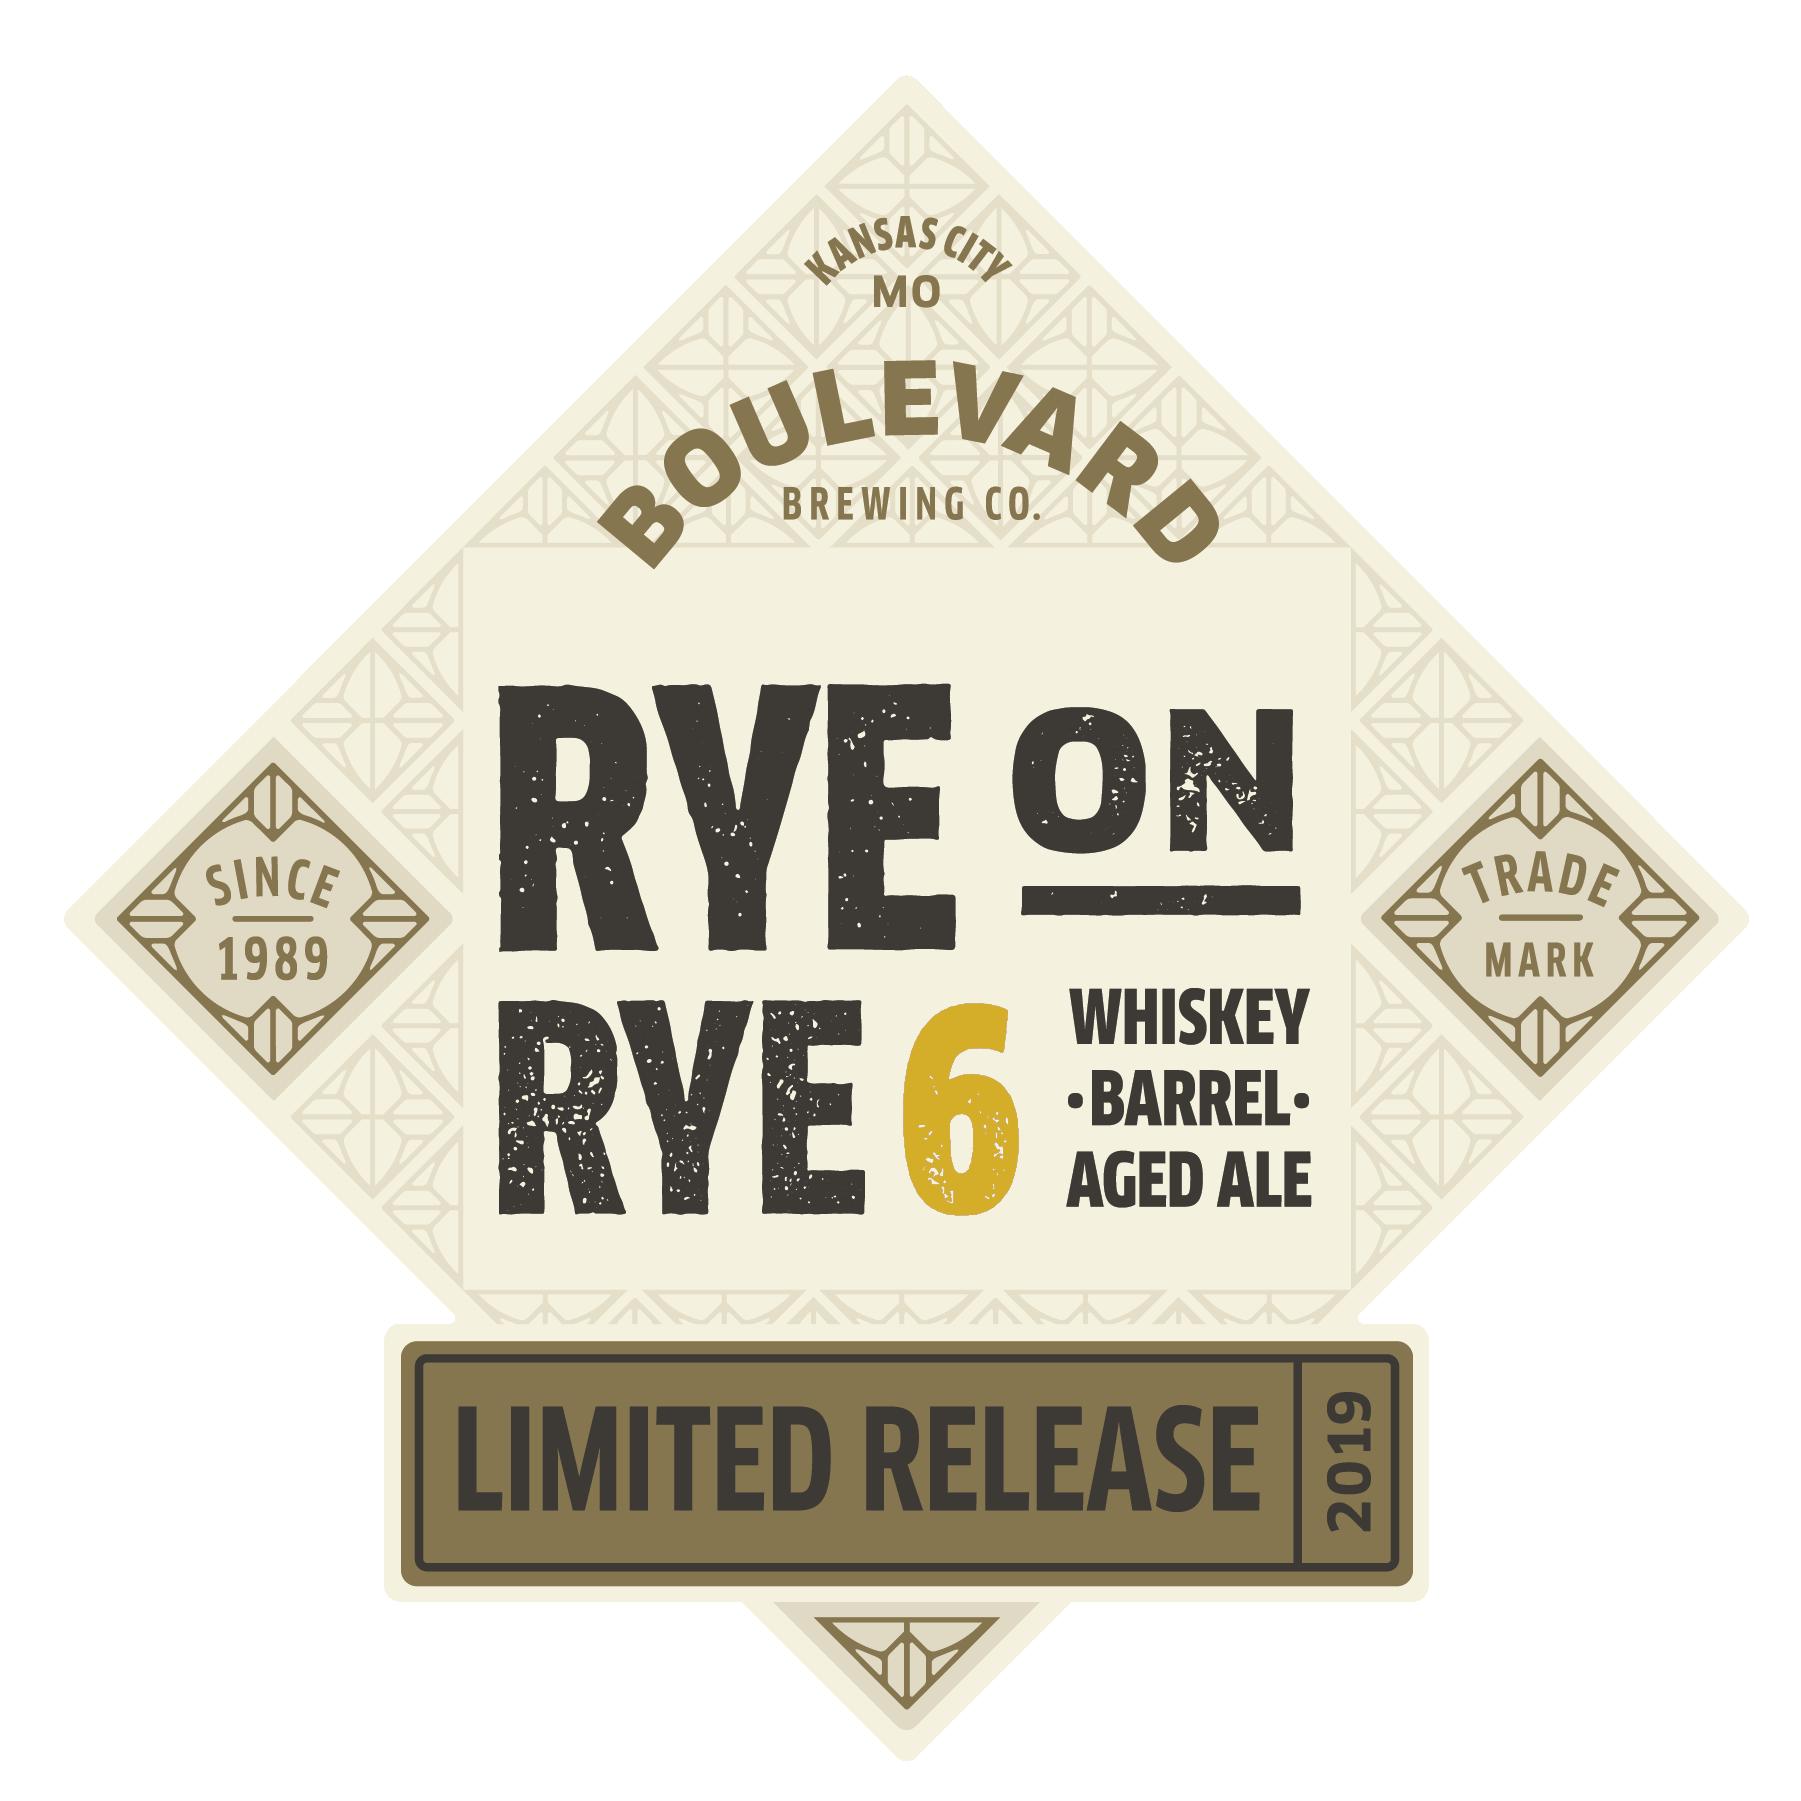 Rye on Rye 6